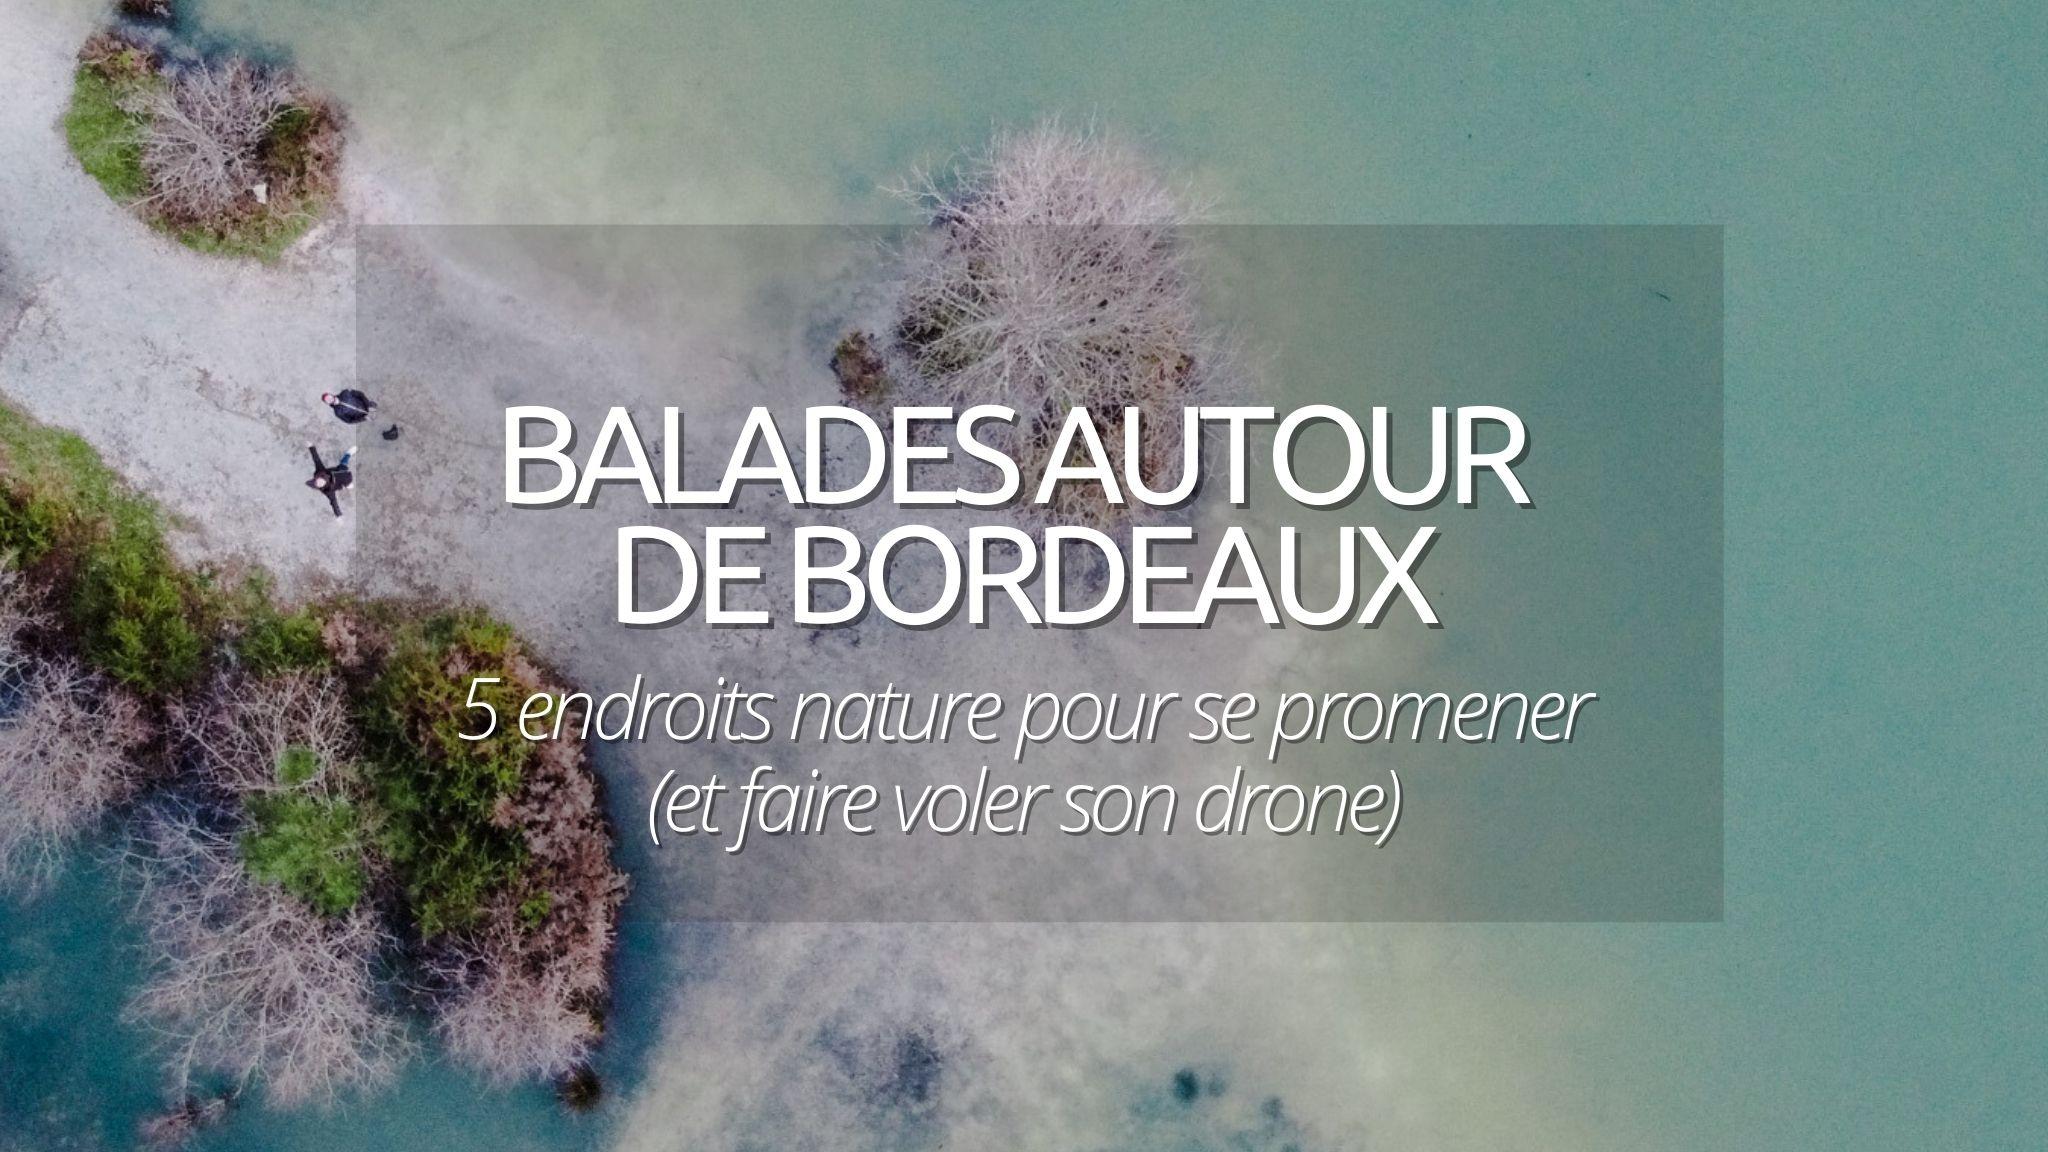 5 idées de balade autour de Bordeaux pour prendre l'air (et faire voler son drone)